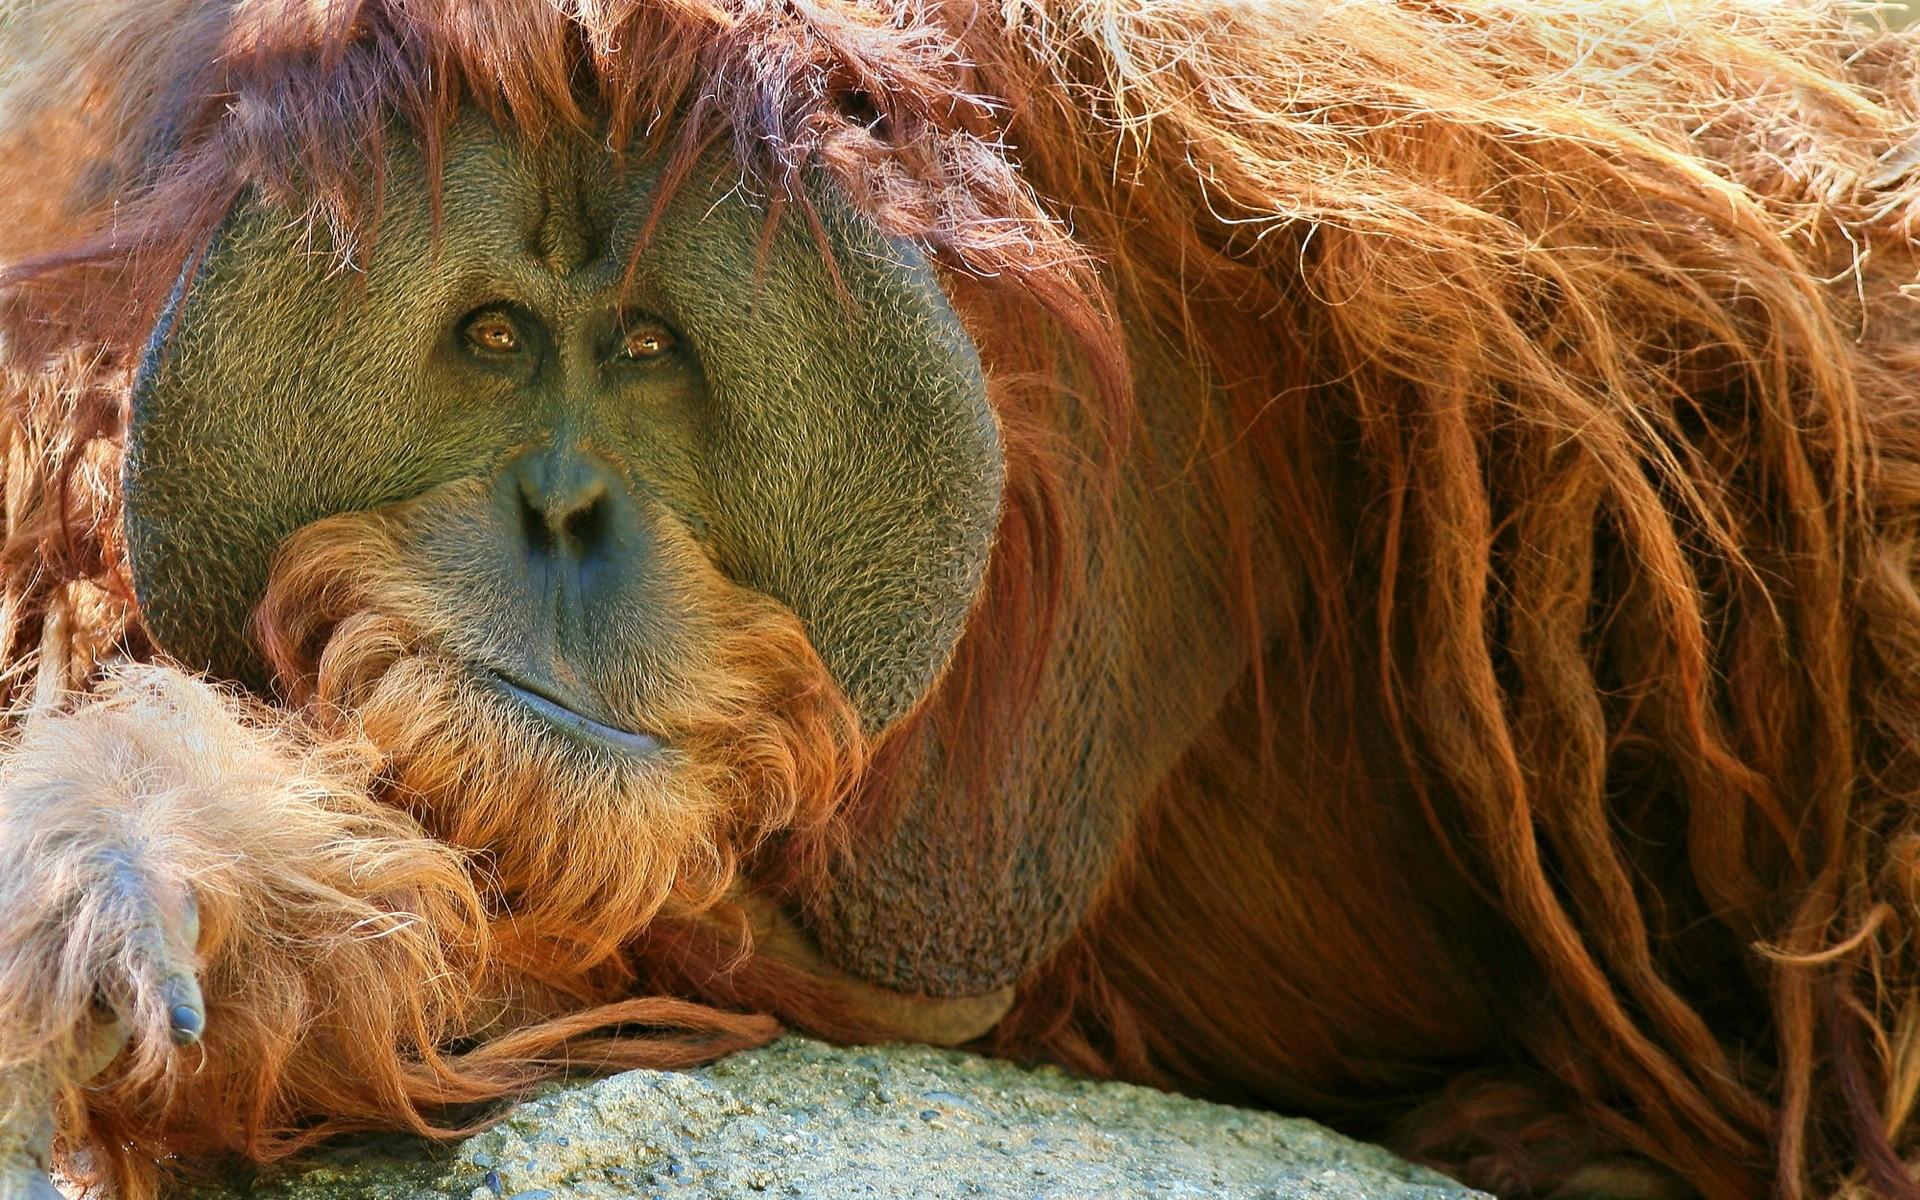 повторюсь, обезьяны интересные картинки филипов катапультировался